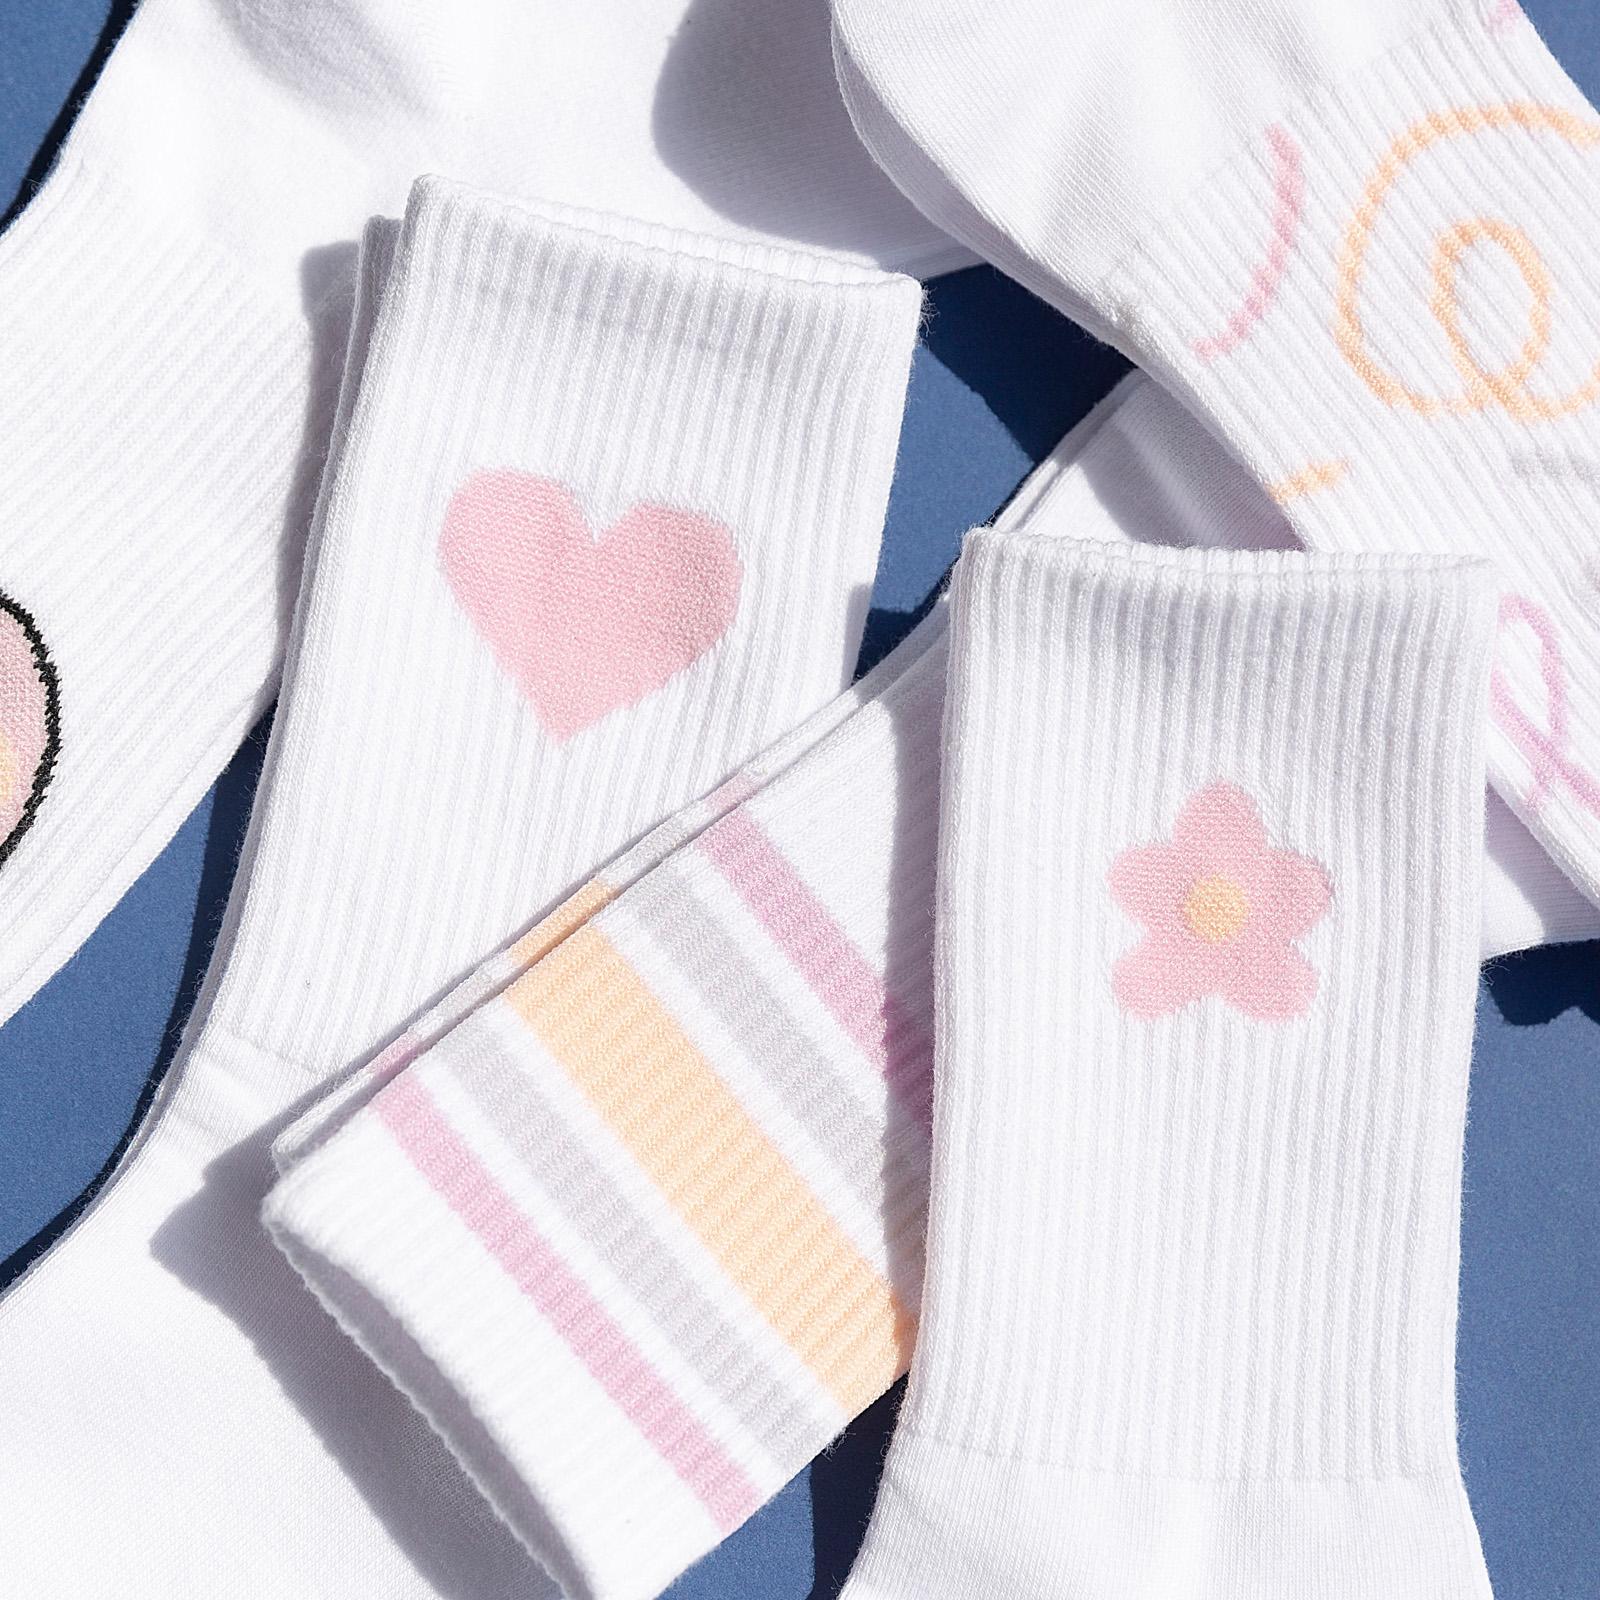 白色长袜子女中筒袜ins潮网红款韩国日系可爱纯棉夏天春夏季薄款